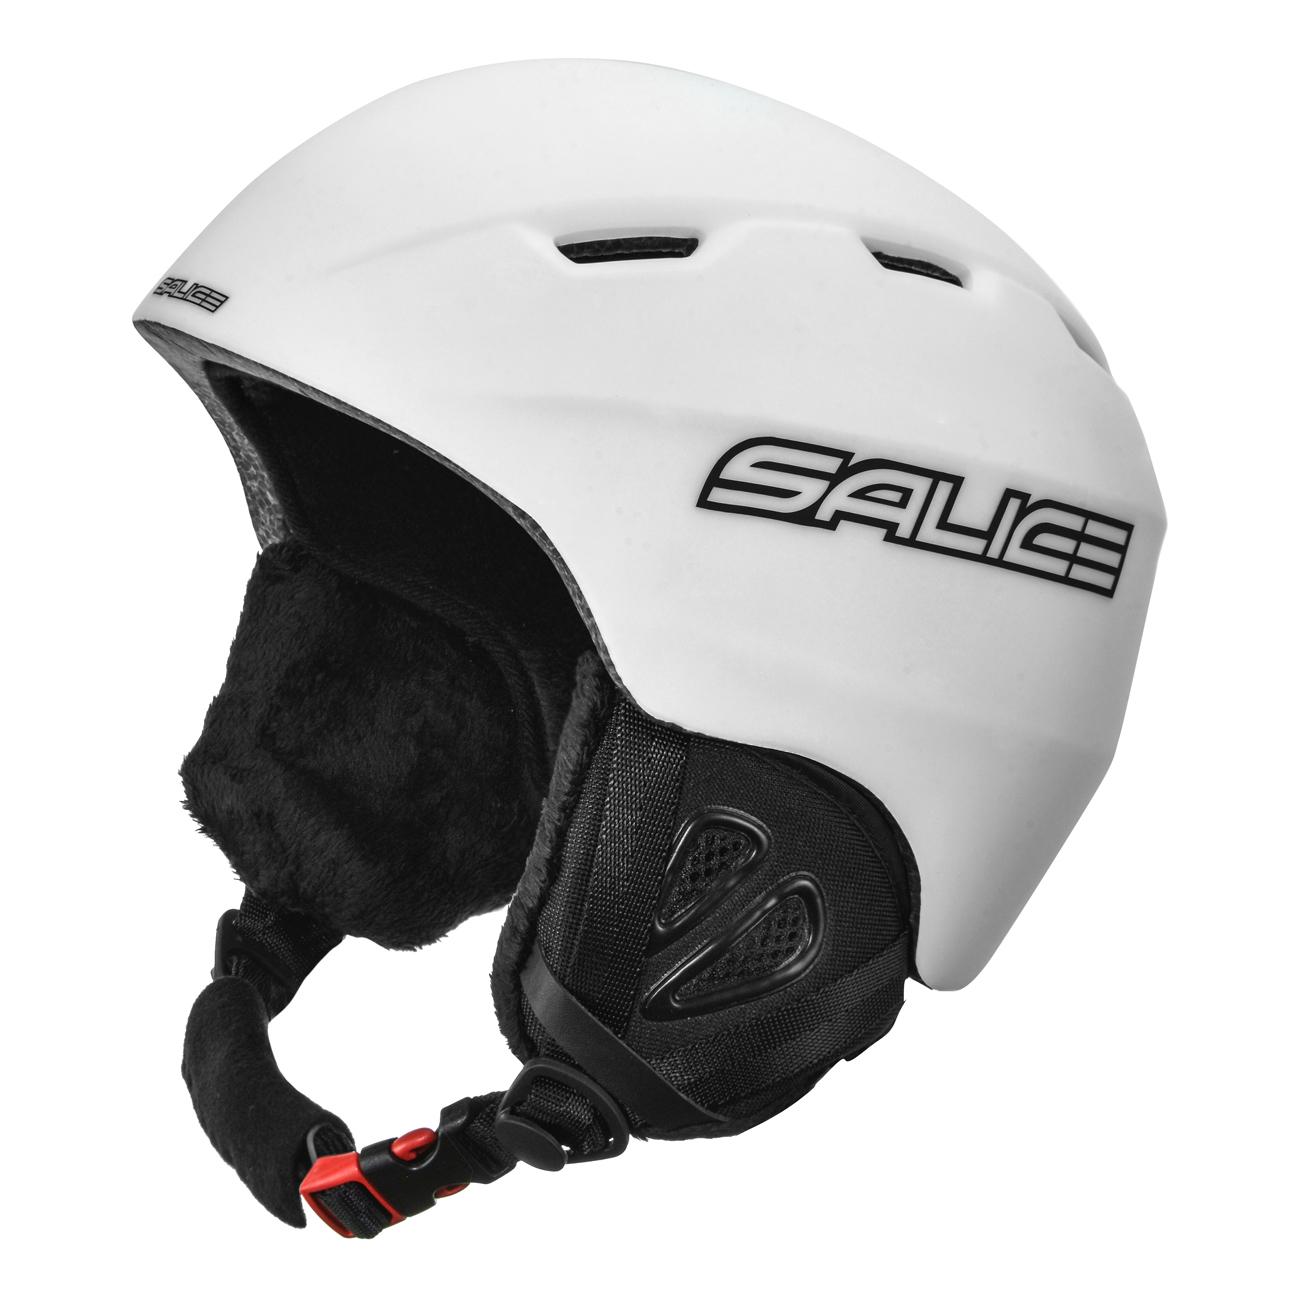 Зимний Шлем Salice 2016-17 LOOP BLACK, Горнолыжные и сноубордические шлемы - арт. 700490428